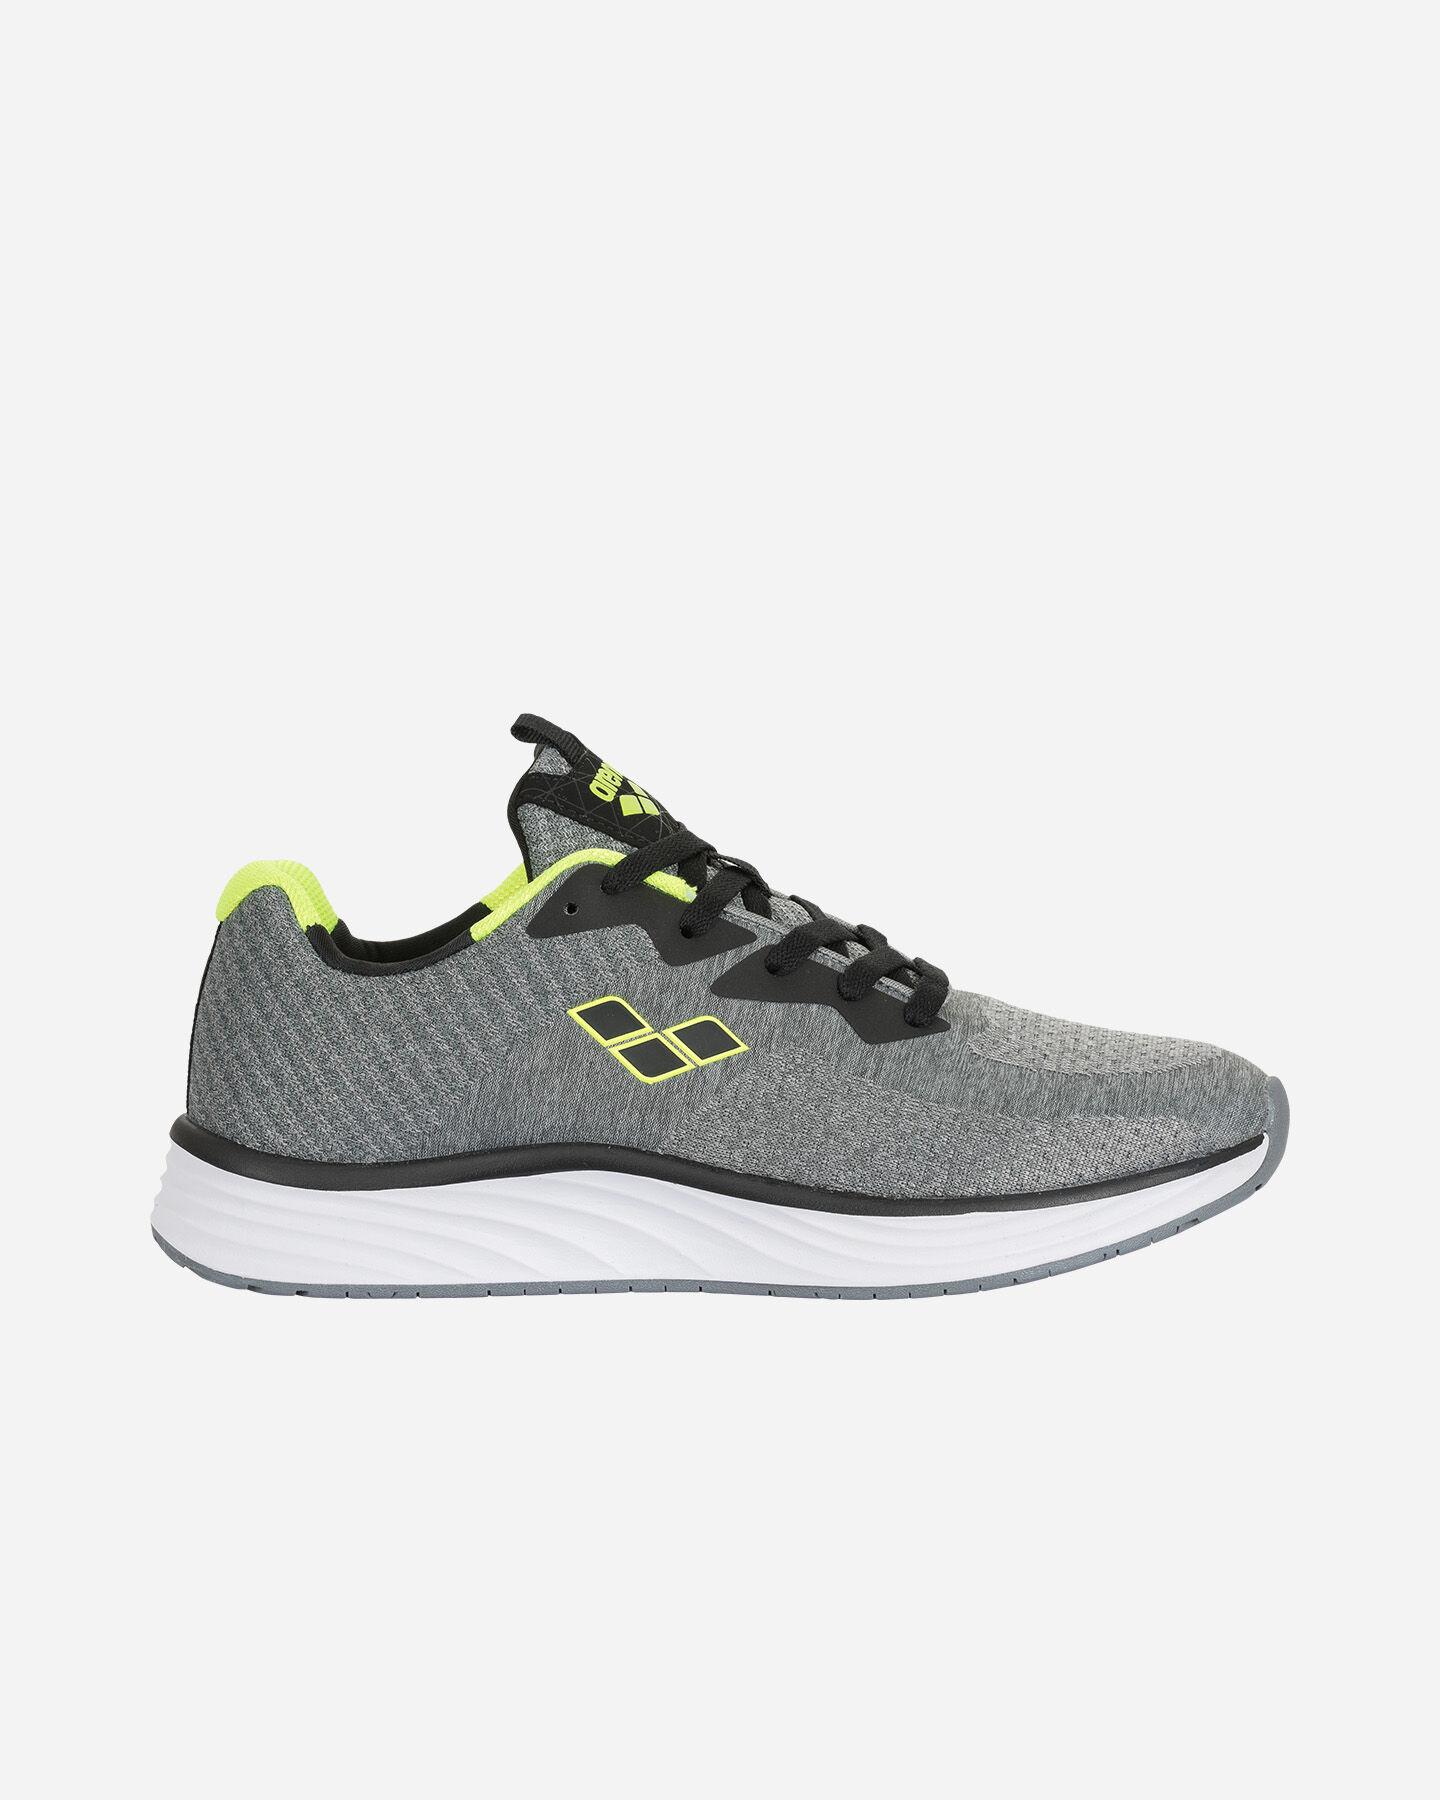 Scarpe sneakers ARENA FASTRACK FLYKNIT M S4083857 scatto 0